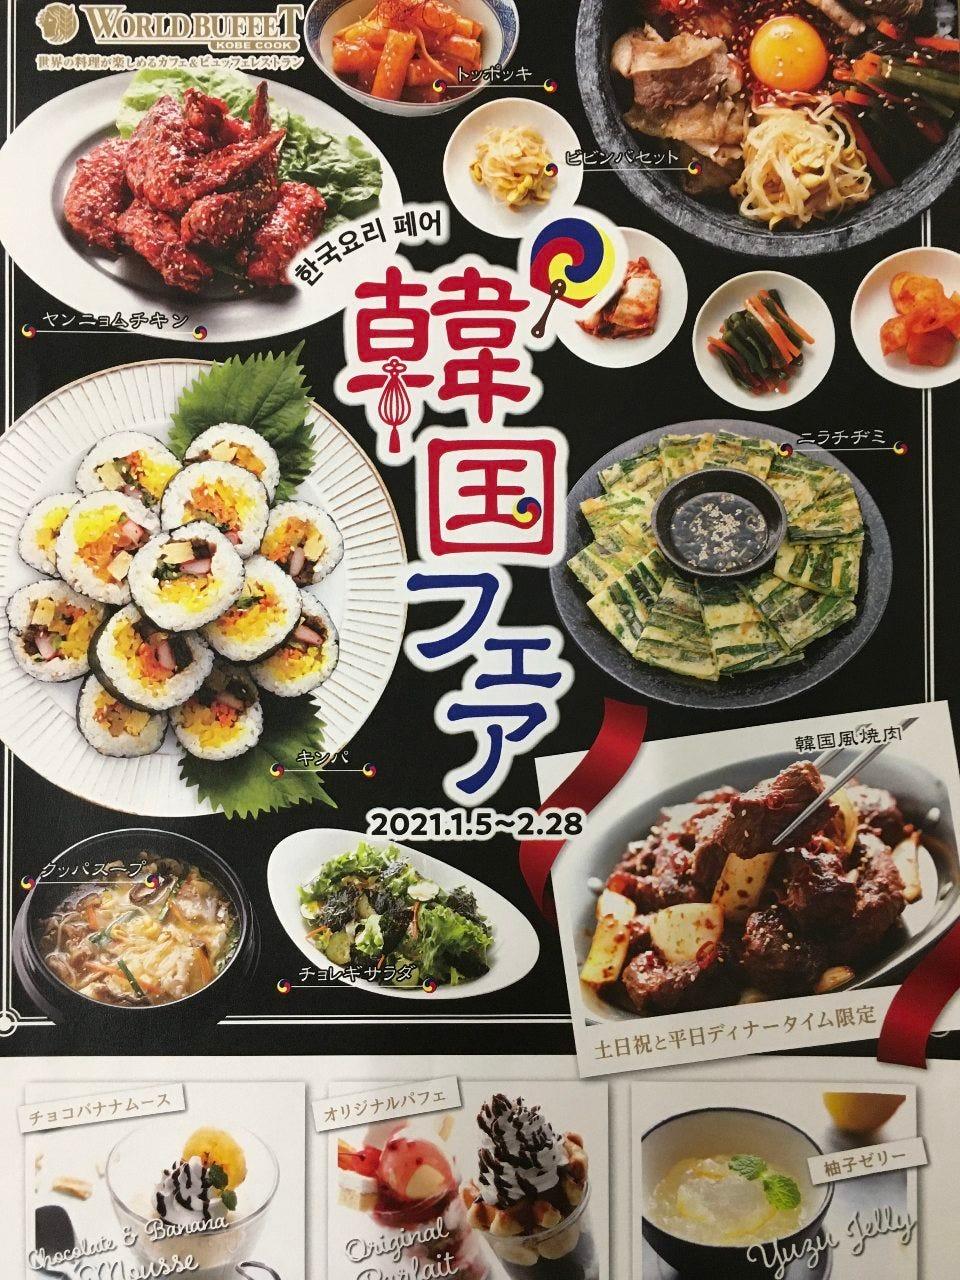 神戸クック・ワールドビュッフェ イオンタウン各務原鵜沼店